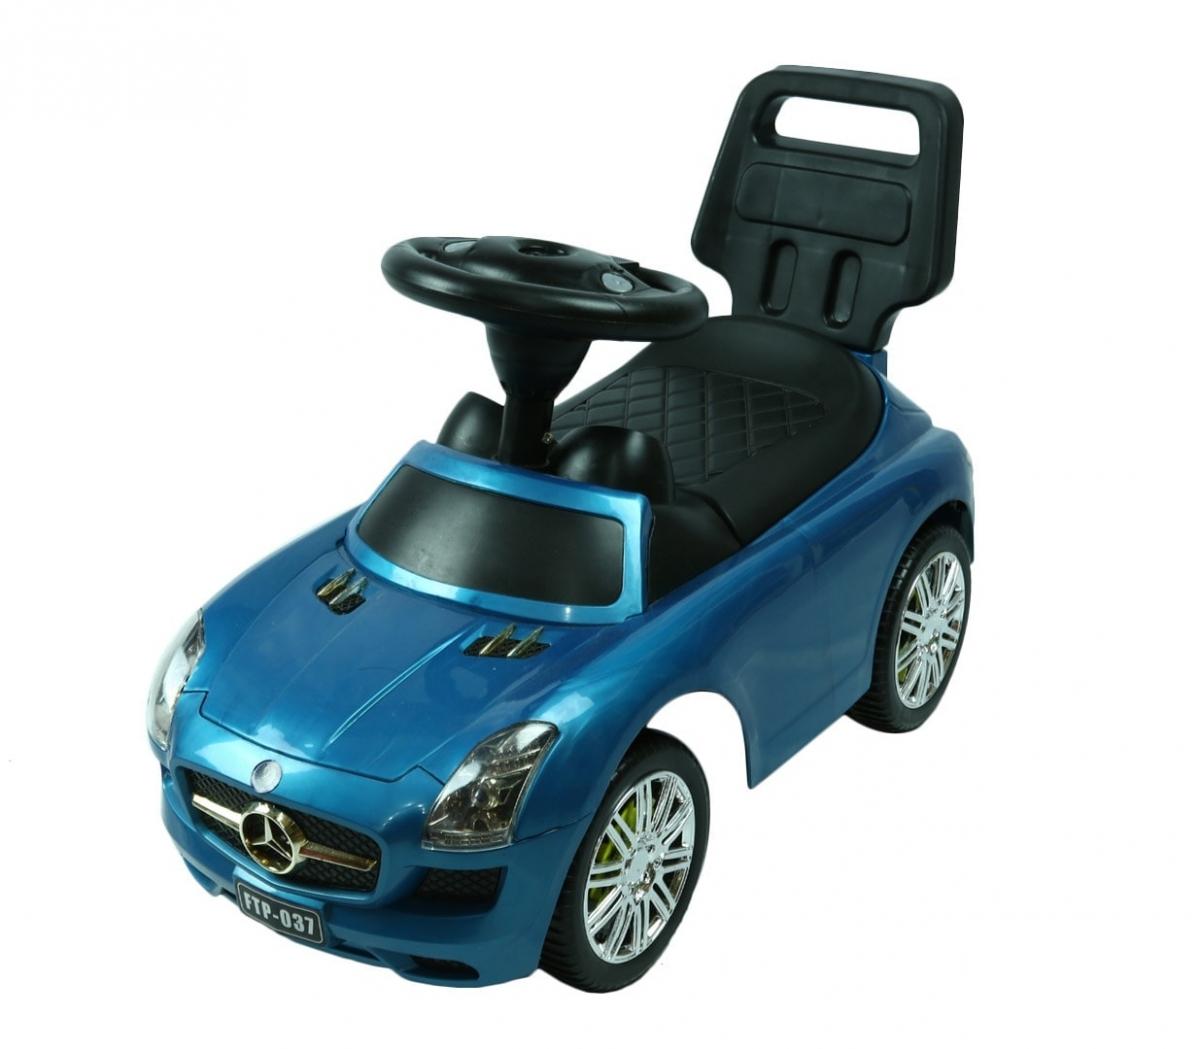 სათამაშო მანქანა FUNNY TOYS PLAST FТР-037 BLUE